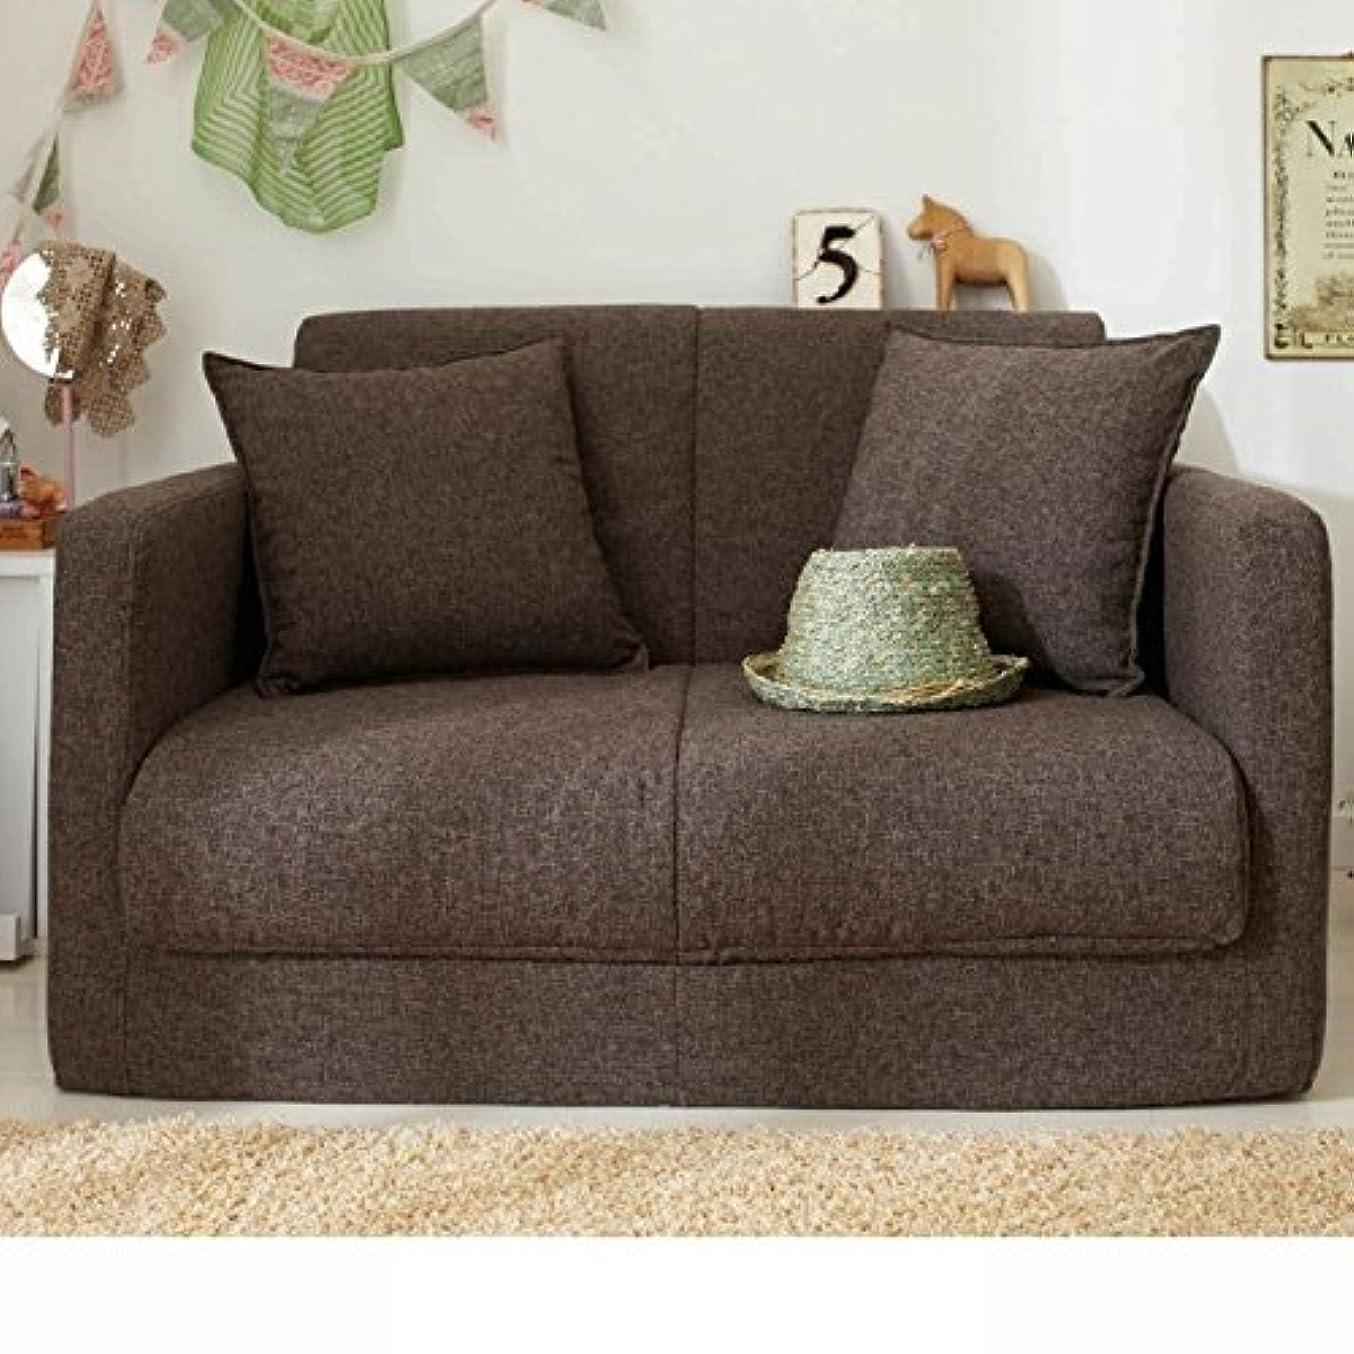 生活雑貨 脚を伸ばしてゆったり寝れるソファーベッド 3つ折りコンパクトタイプ (2P, ブラウン)